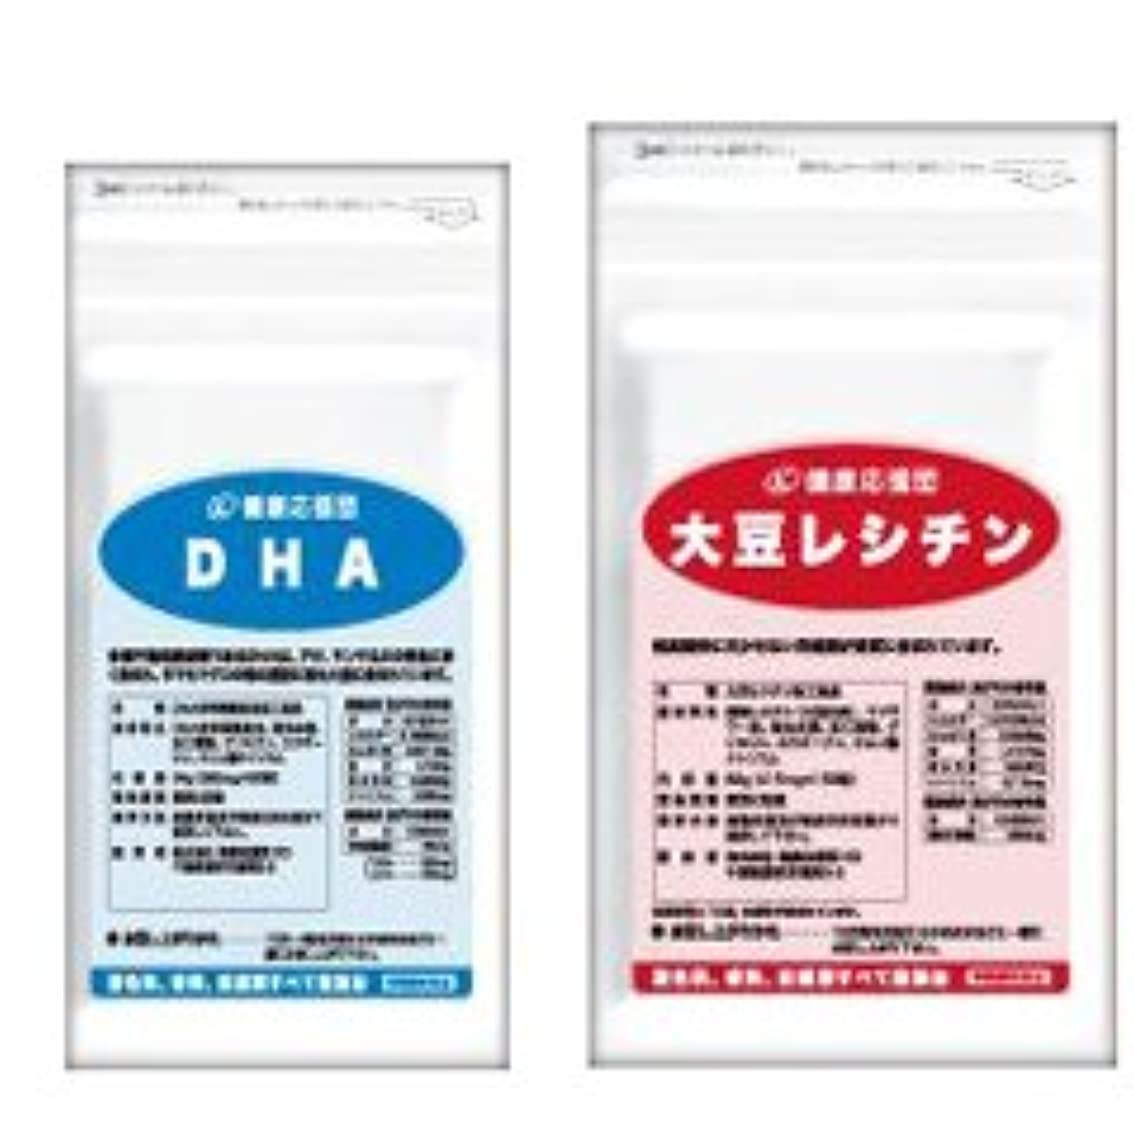 毒液エチケット歩行者サラサラ巡りセット 大豆レシチン + DHA 3袋&3袋セット